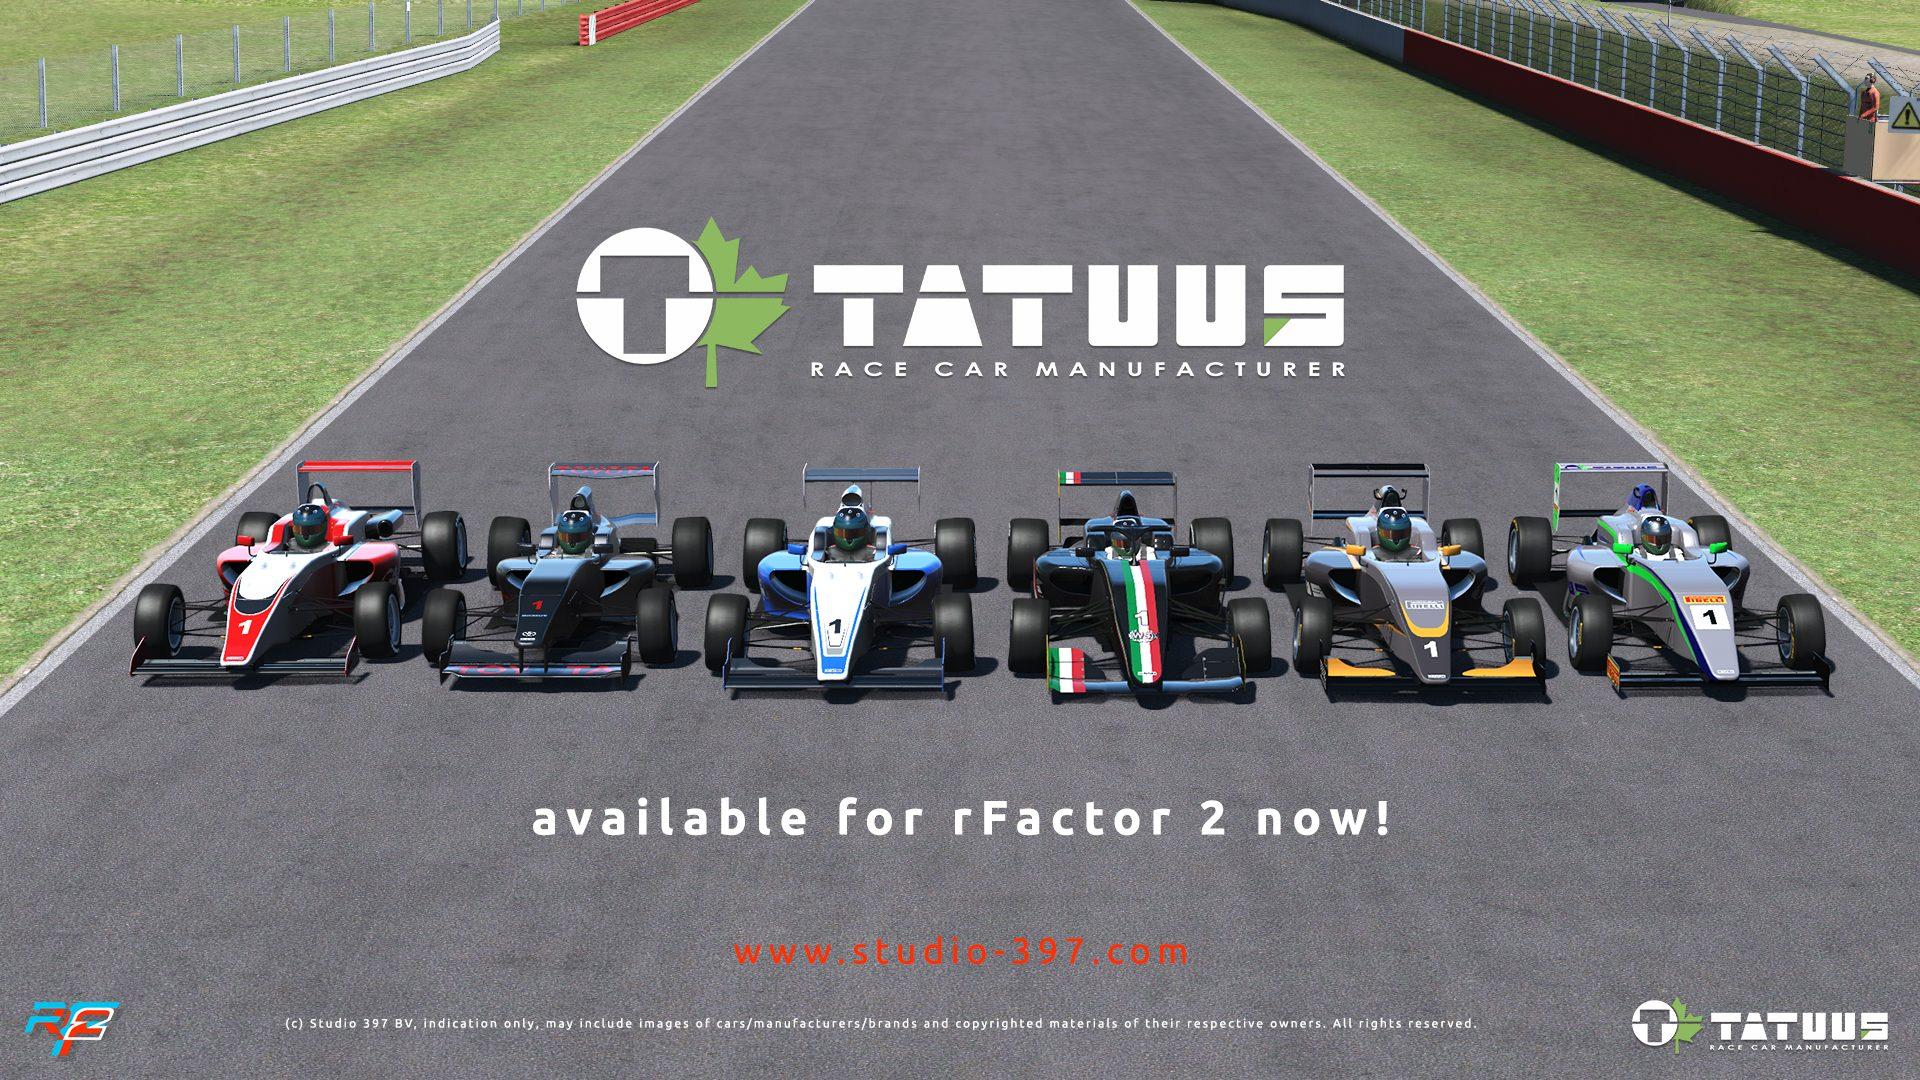 Tatuus_Available_Now-1-1920x1080.jpg